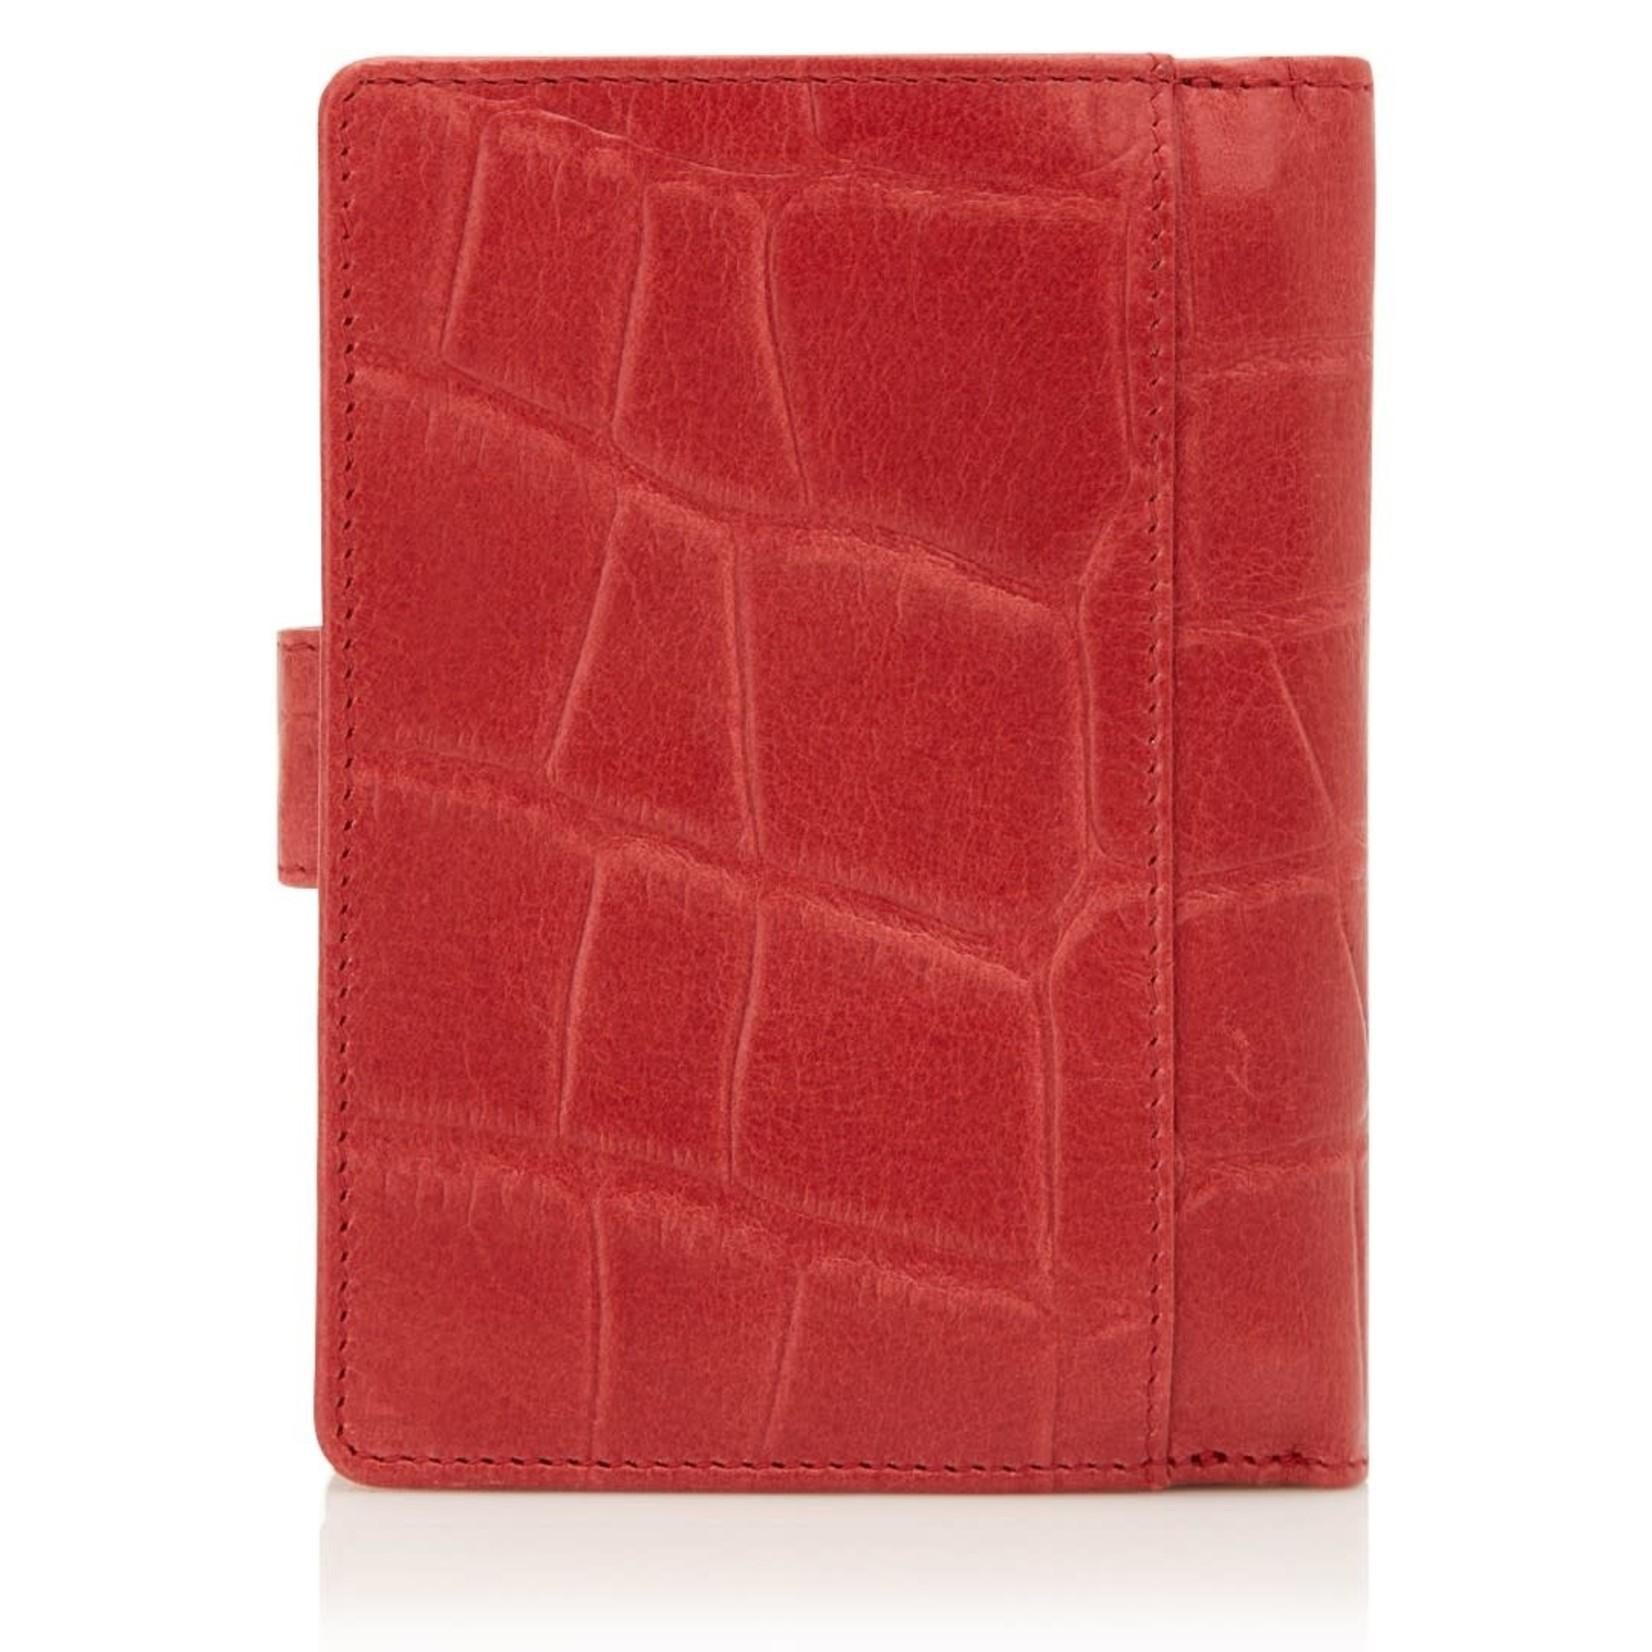 Castelijn en Beerens Portemonnee Cocco met rits 6 pasjes RFID Rood